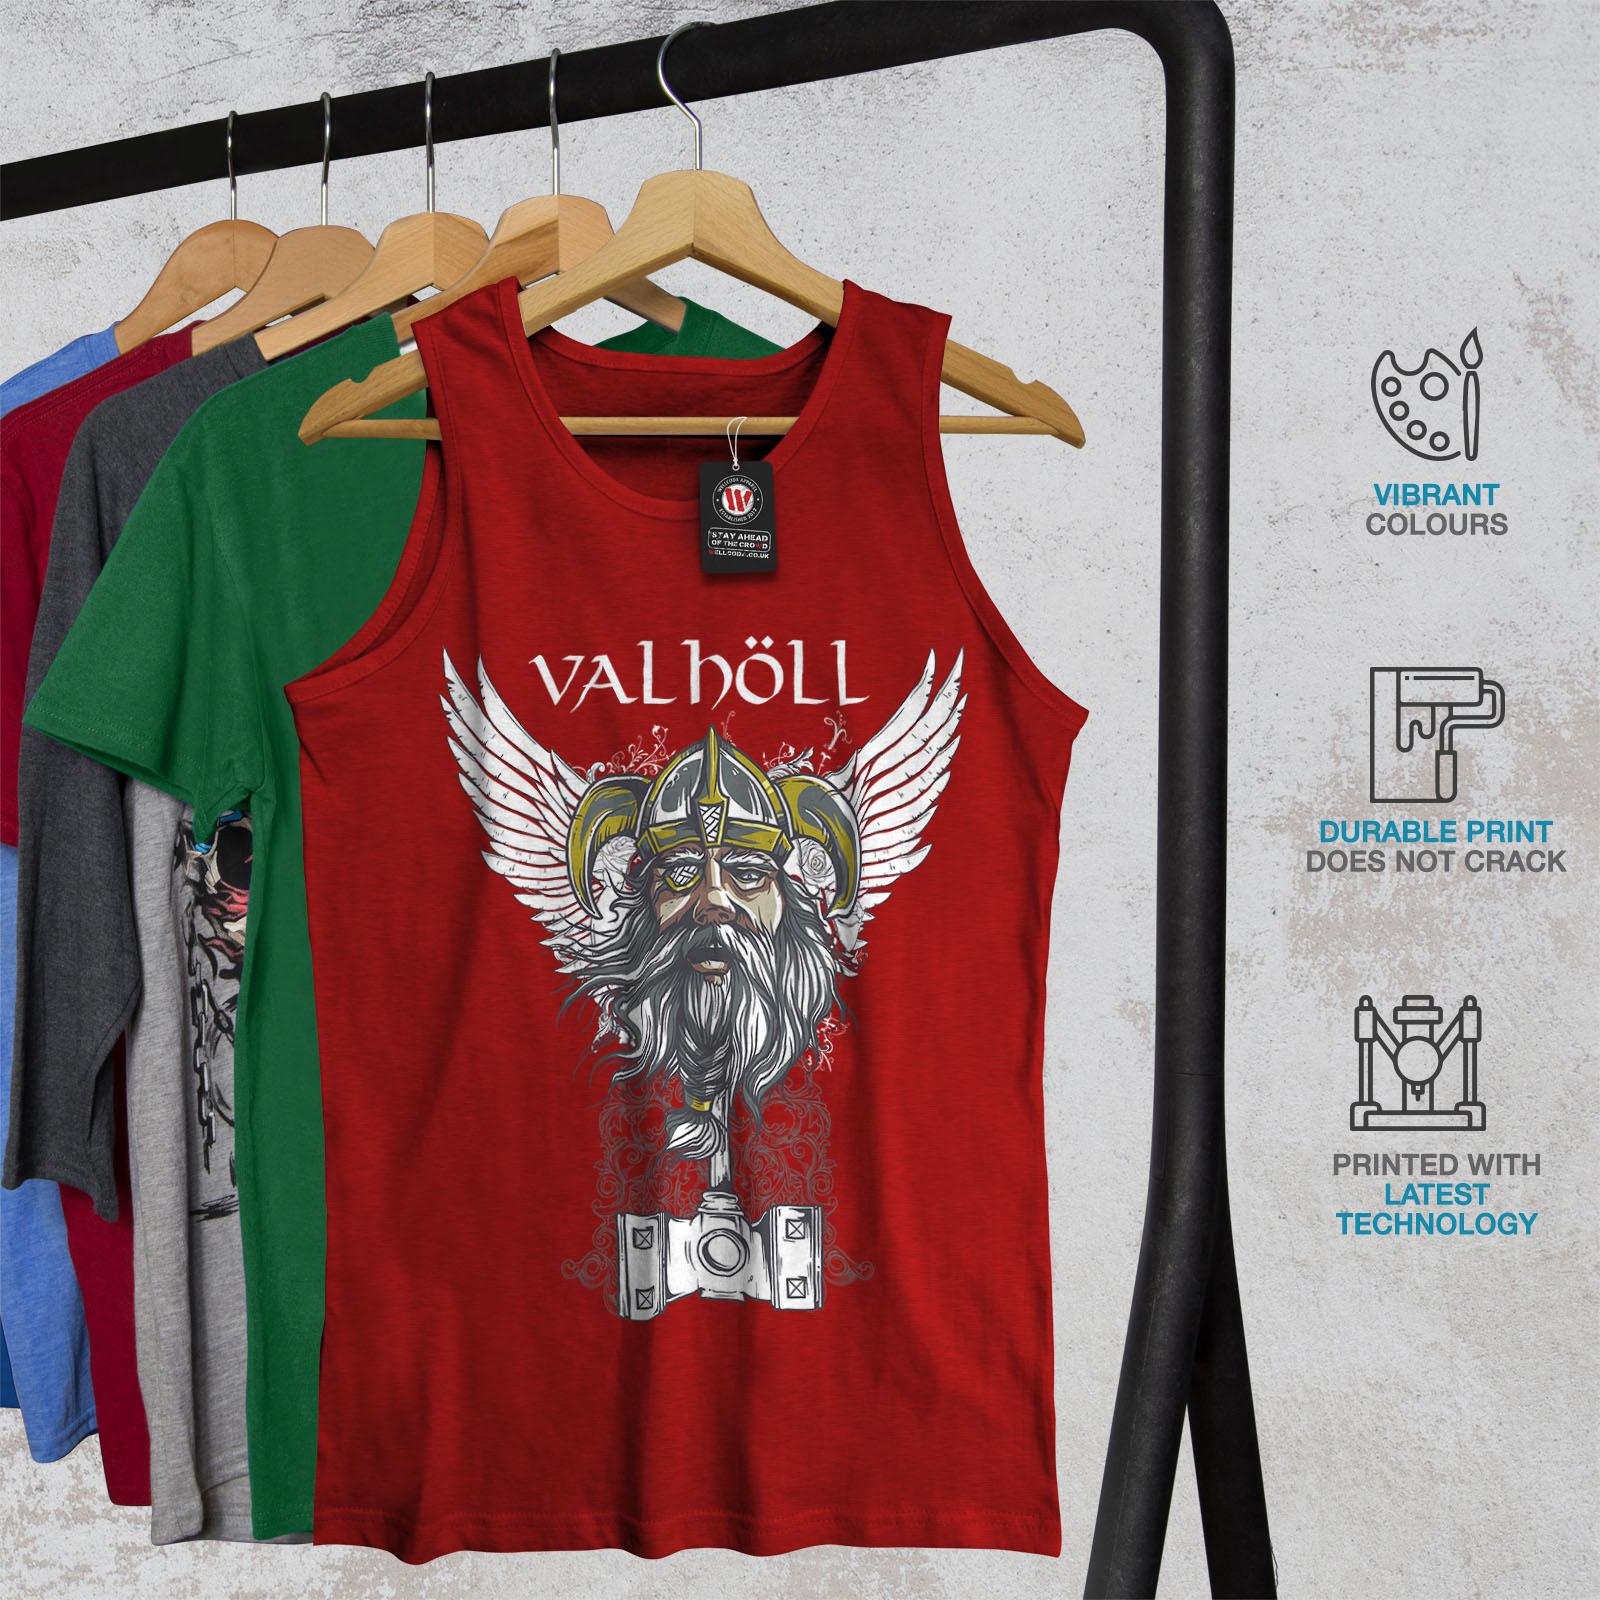 Nordic Camicia di Sport Attivo Wellcoda valholl NORD GUERRA Da Uomo Canotta